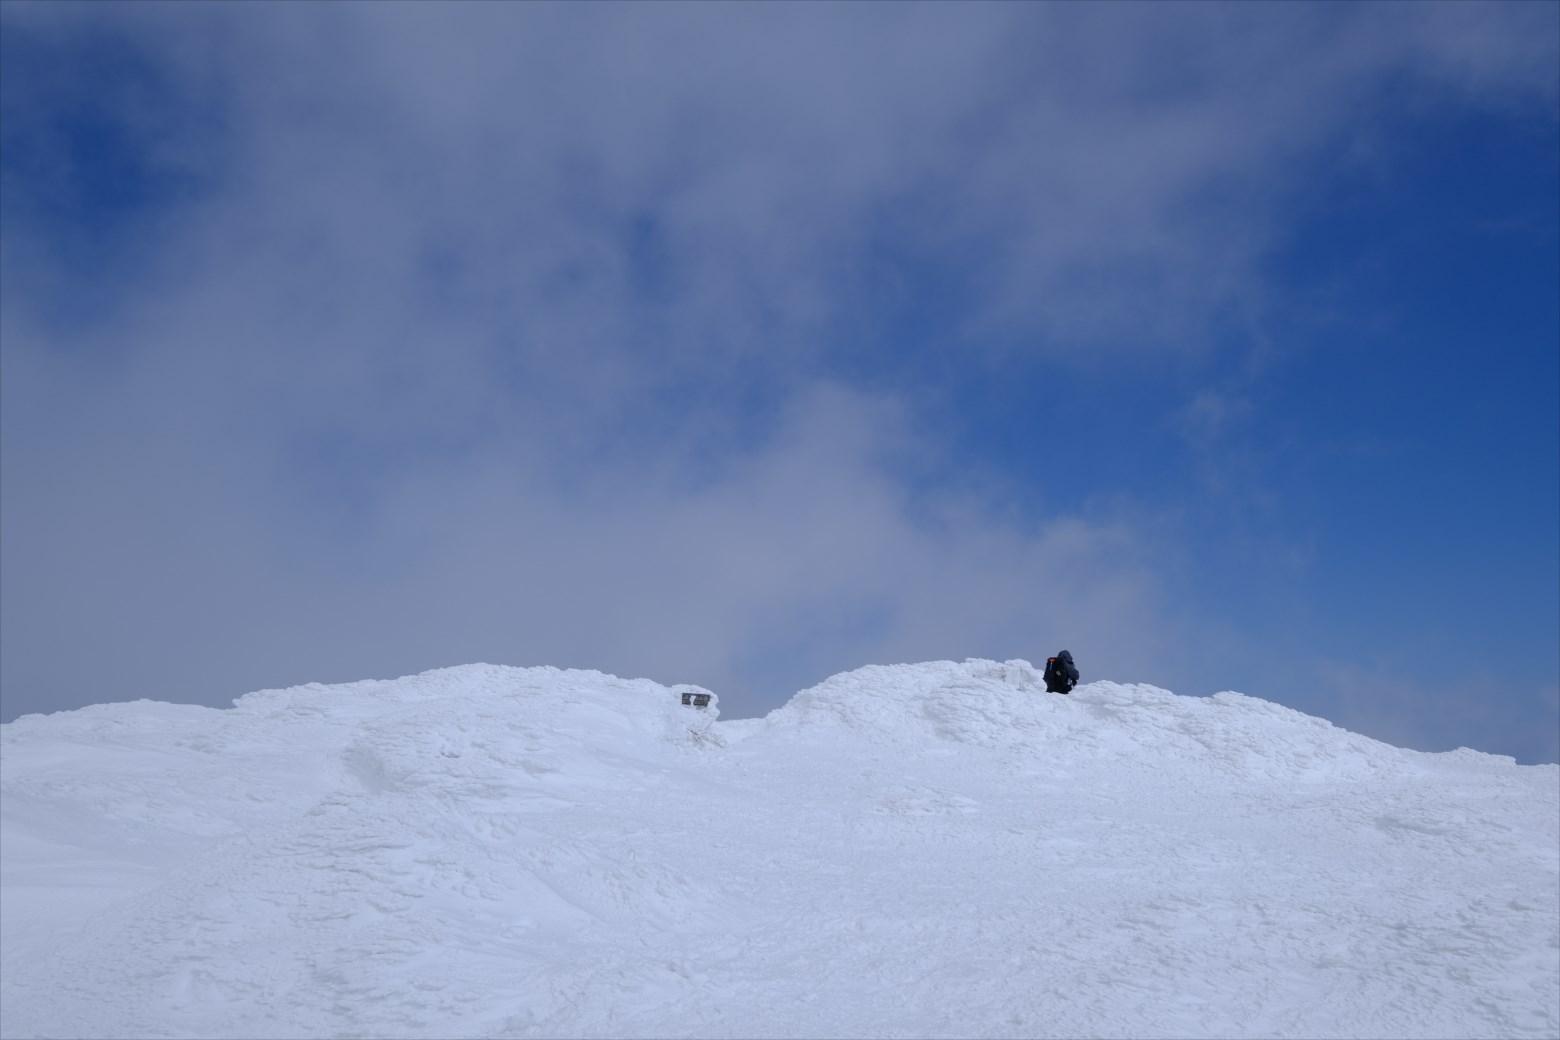 【厳冬期・雪山登山】仙ノ倉山 (35)